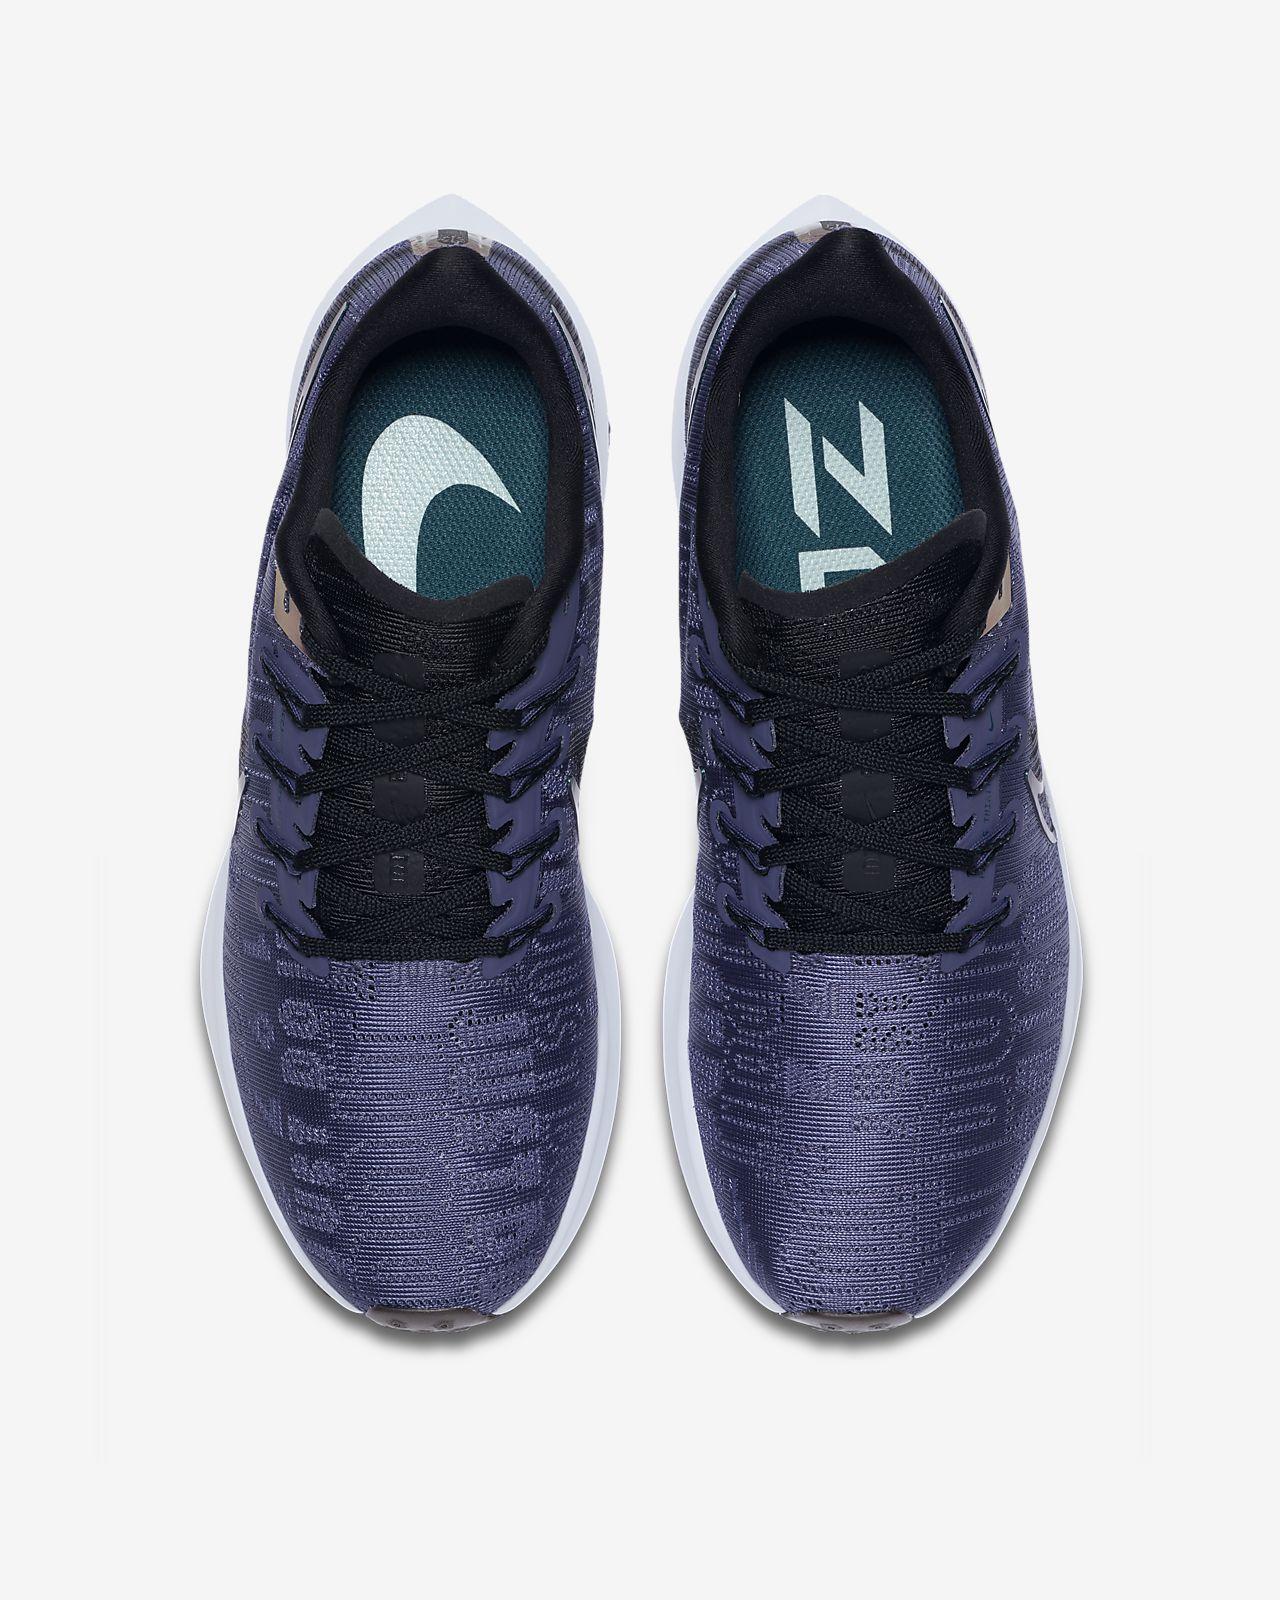 Calzado de running para mujer Nike Air Zoom Pegasus 36 Premium